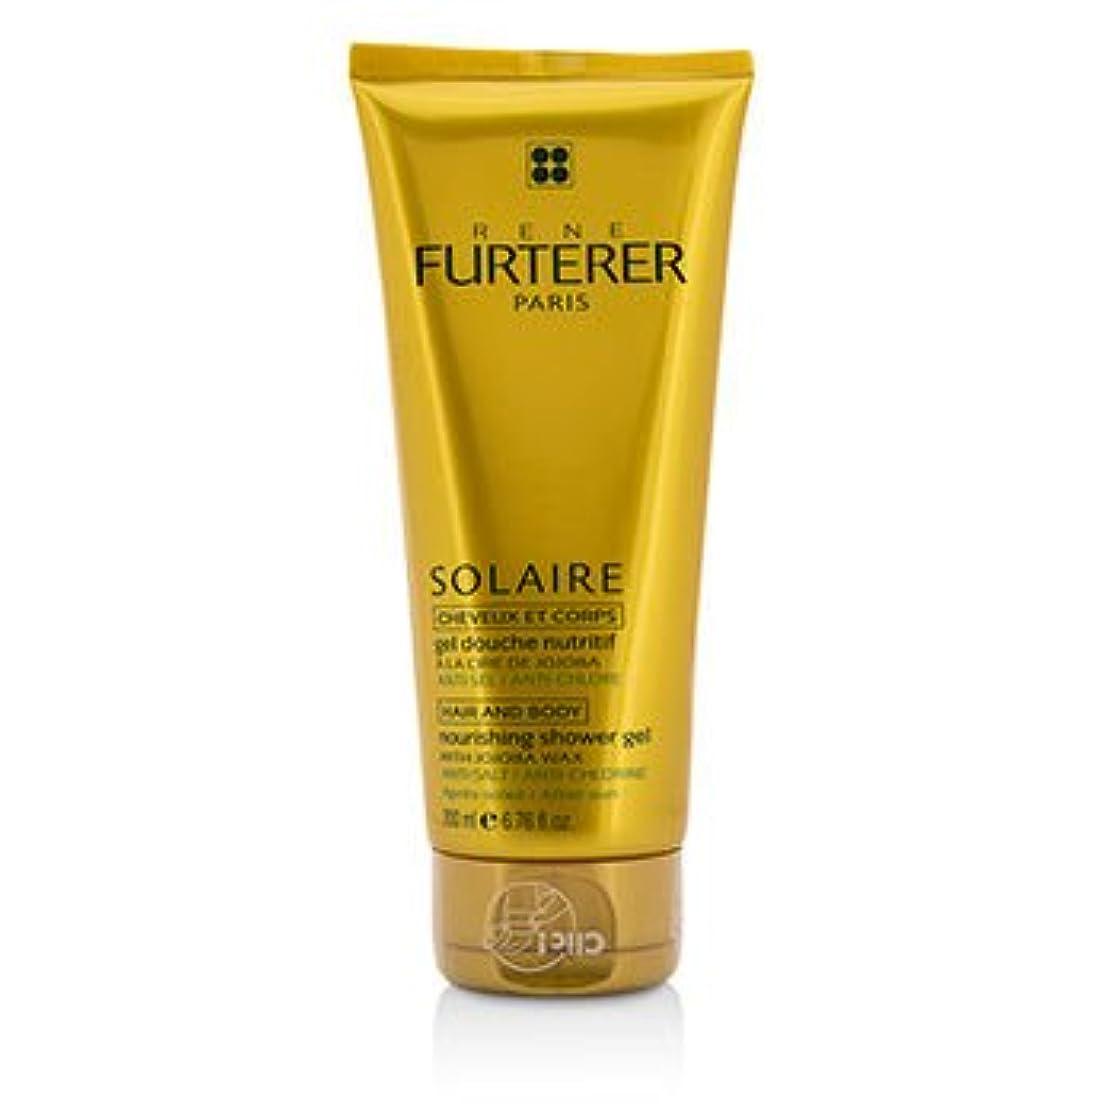 ぐるぐる誤解させる印刷する[Rene Furterer] Solaire Nourishing Shower Gel with Jojoba Wax (Hair and Body) 200ml/6.76oz